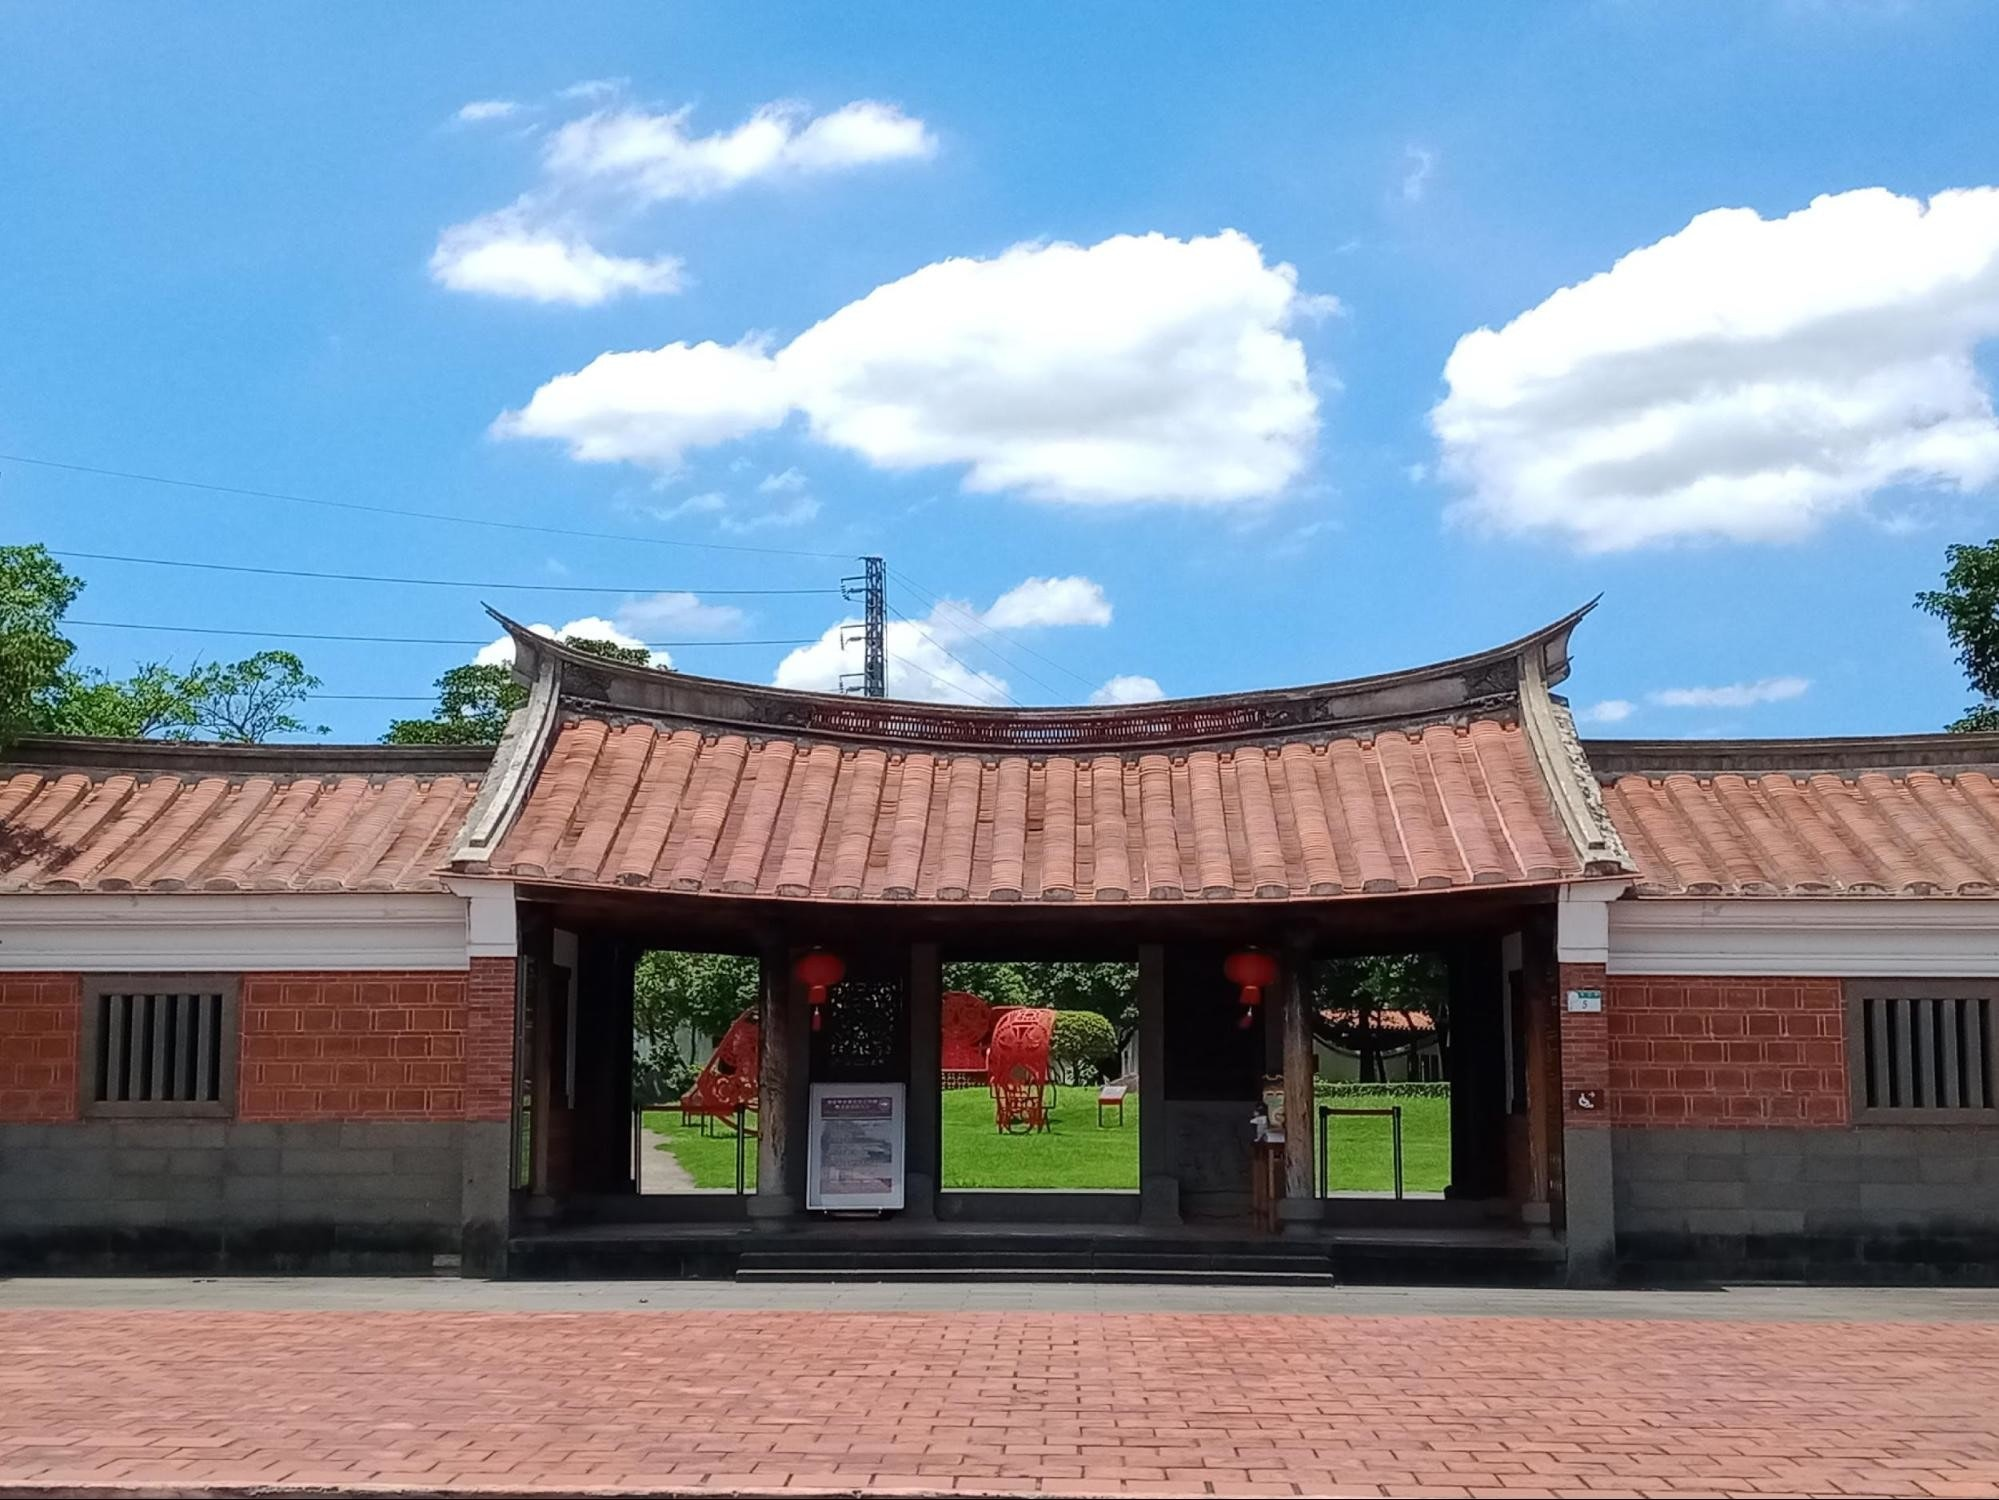 照片中提到了型,包含了中国建筑、历史景点、正面、屋顶、房地产